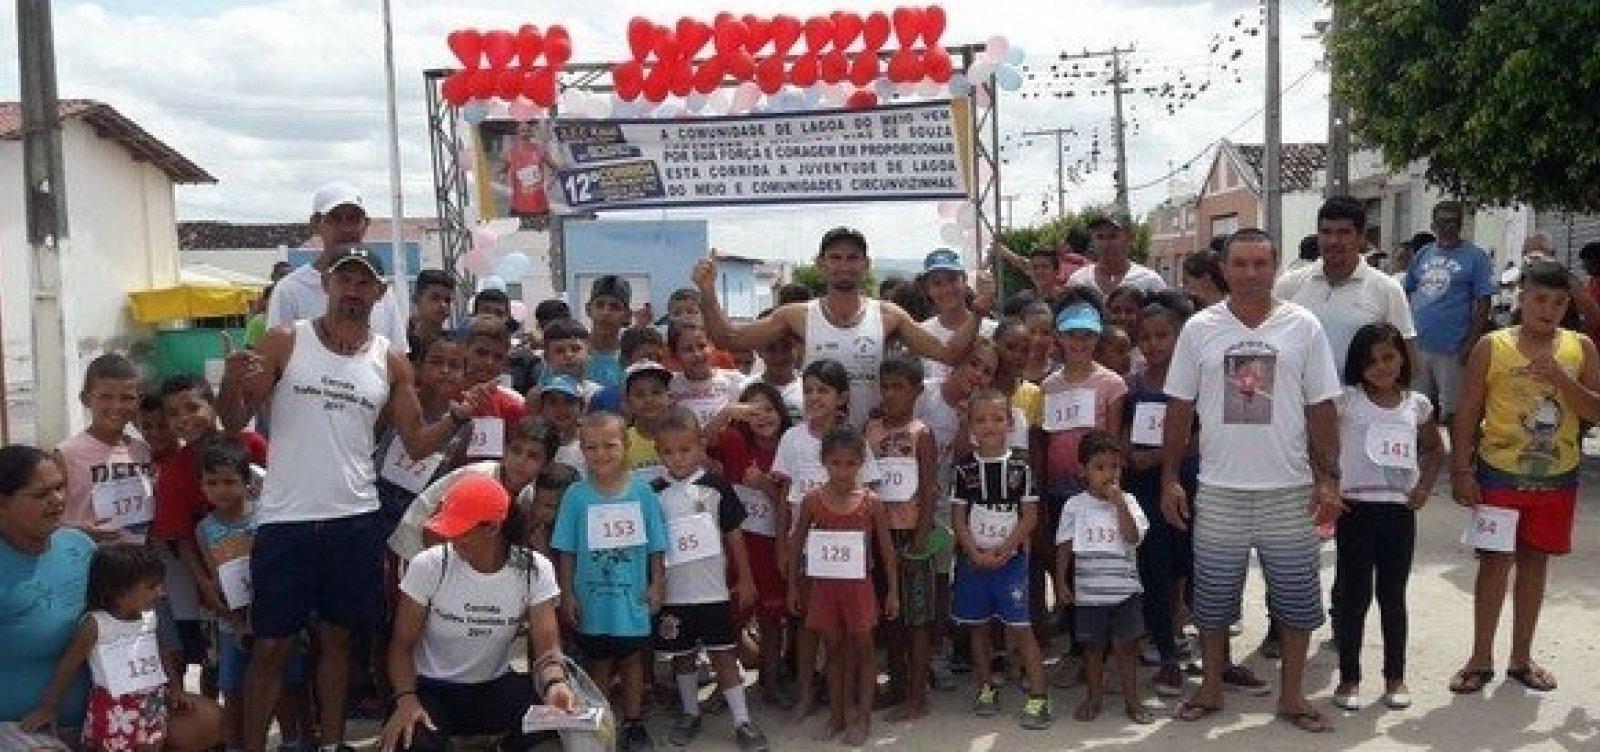 Lixeiro investe do próprio bolso em corridas de rua no sertão da Bahia